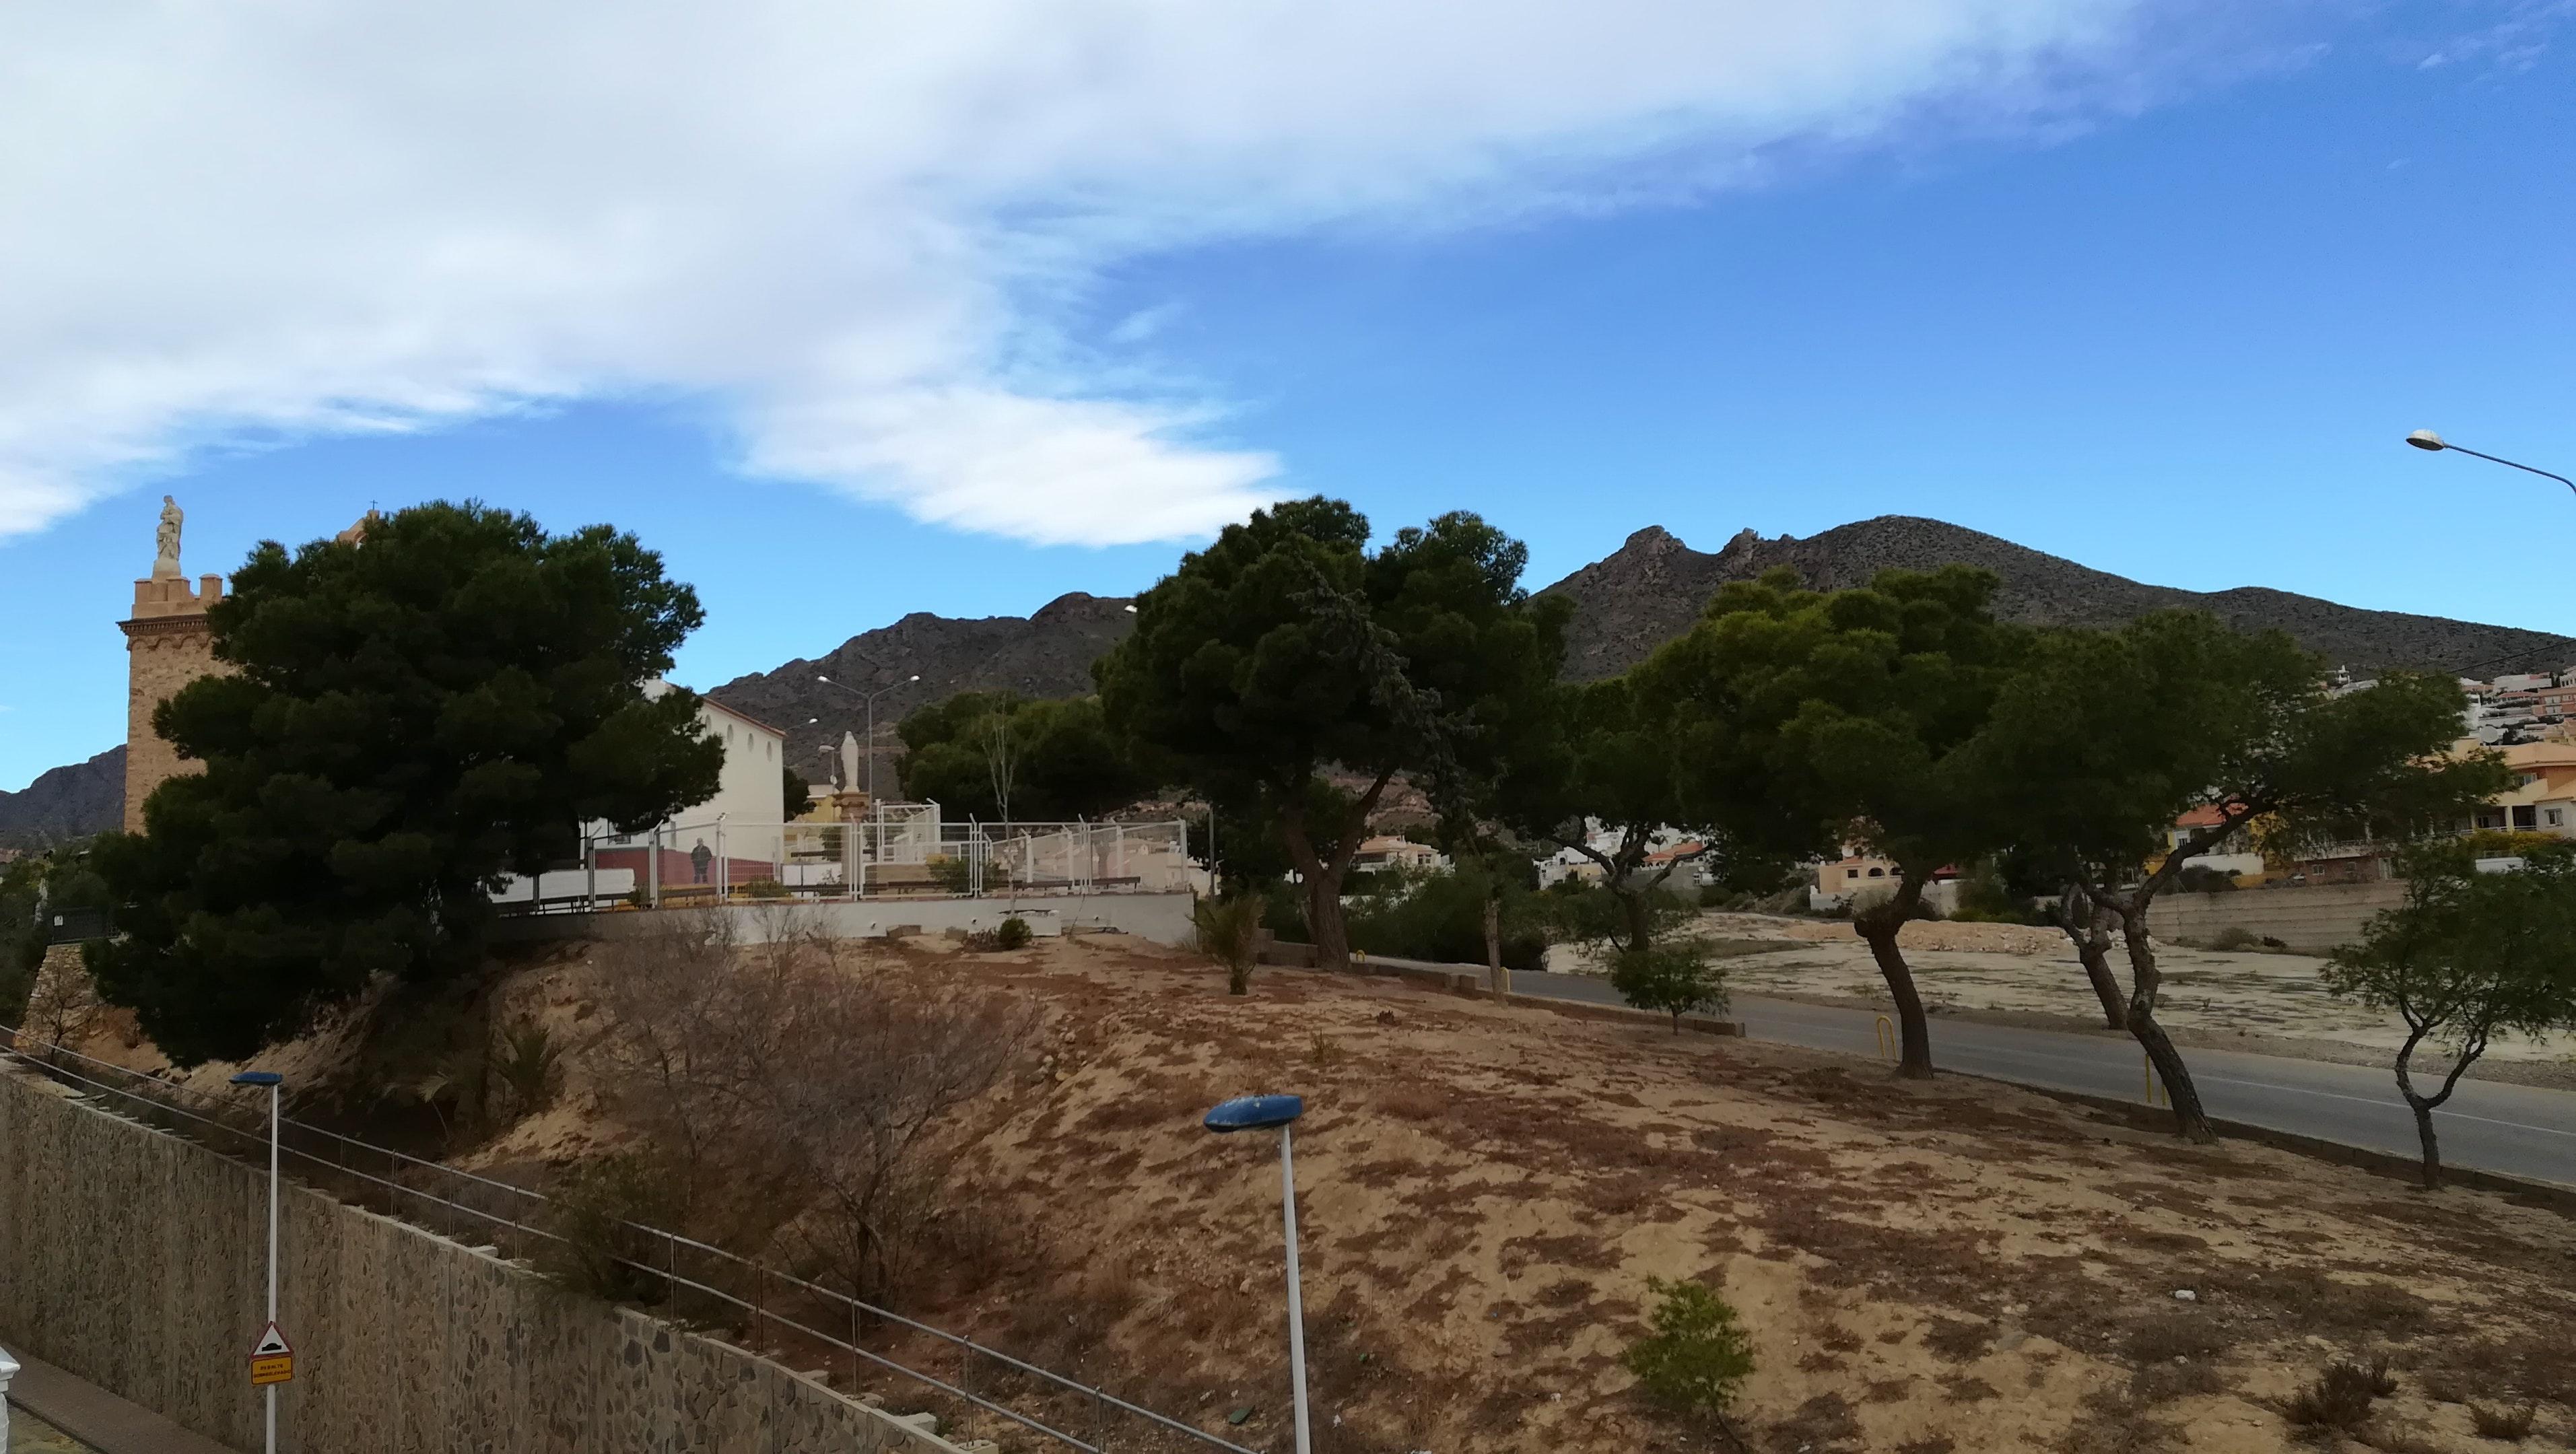 Appartement de vacances Wohnung mit 2 Schlafzimmern in Mazarrón mit toller Aussicht auf die Berge, privatem Pool,  (2632538), Mazarron, Costa Calida, Murcie, Espagne, image 36